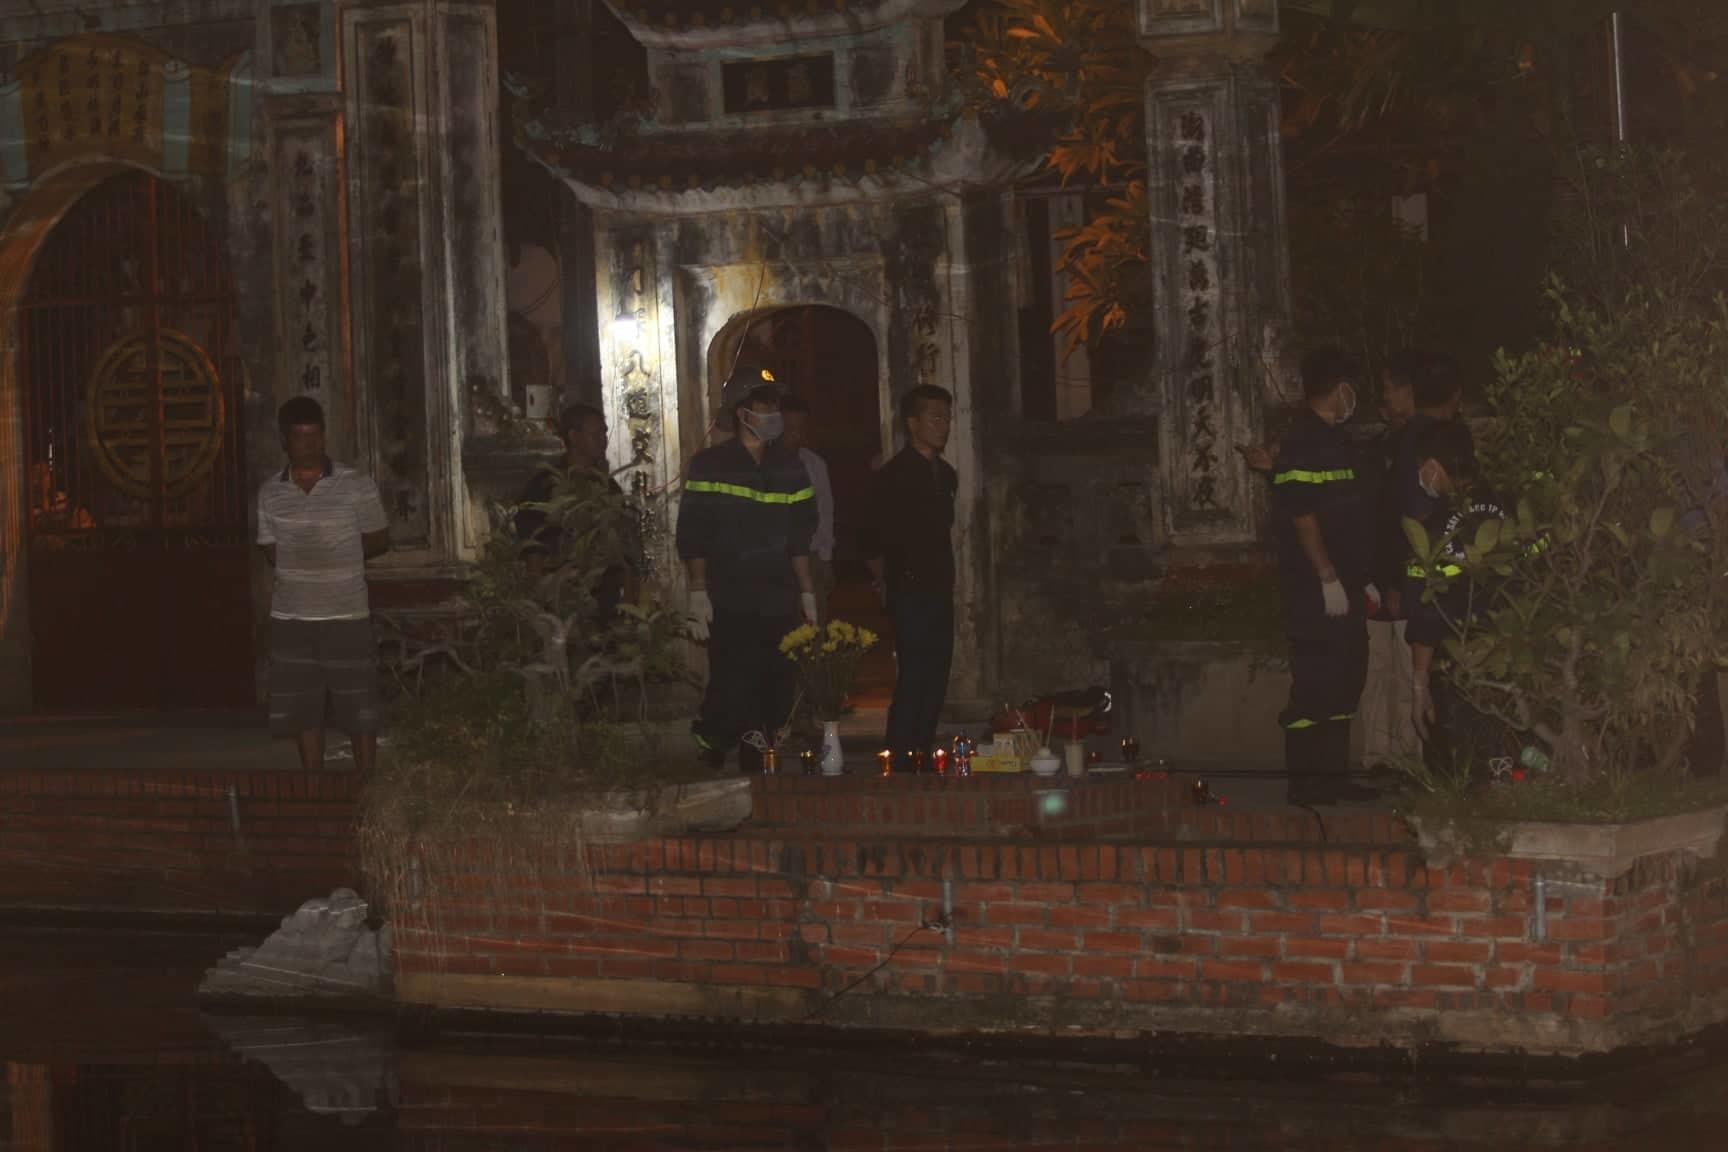 Hà Nội: Vớt thi thể nam giới ở hồ Triều Khúc